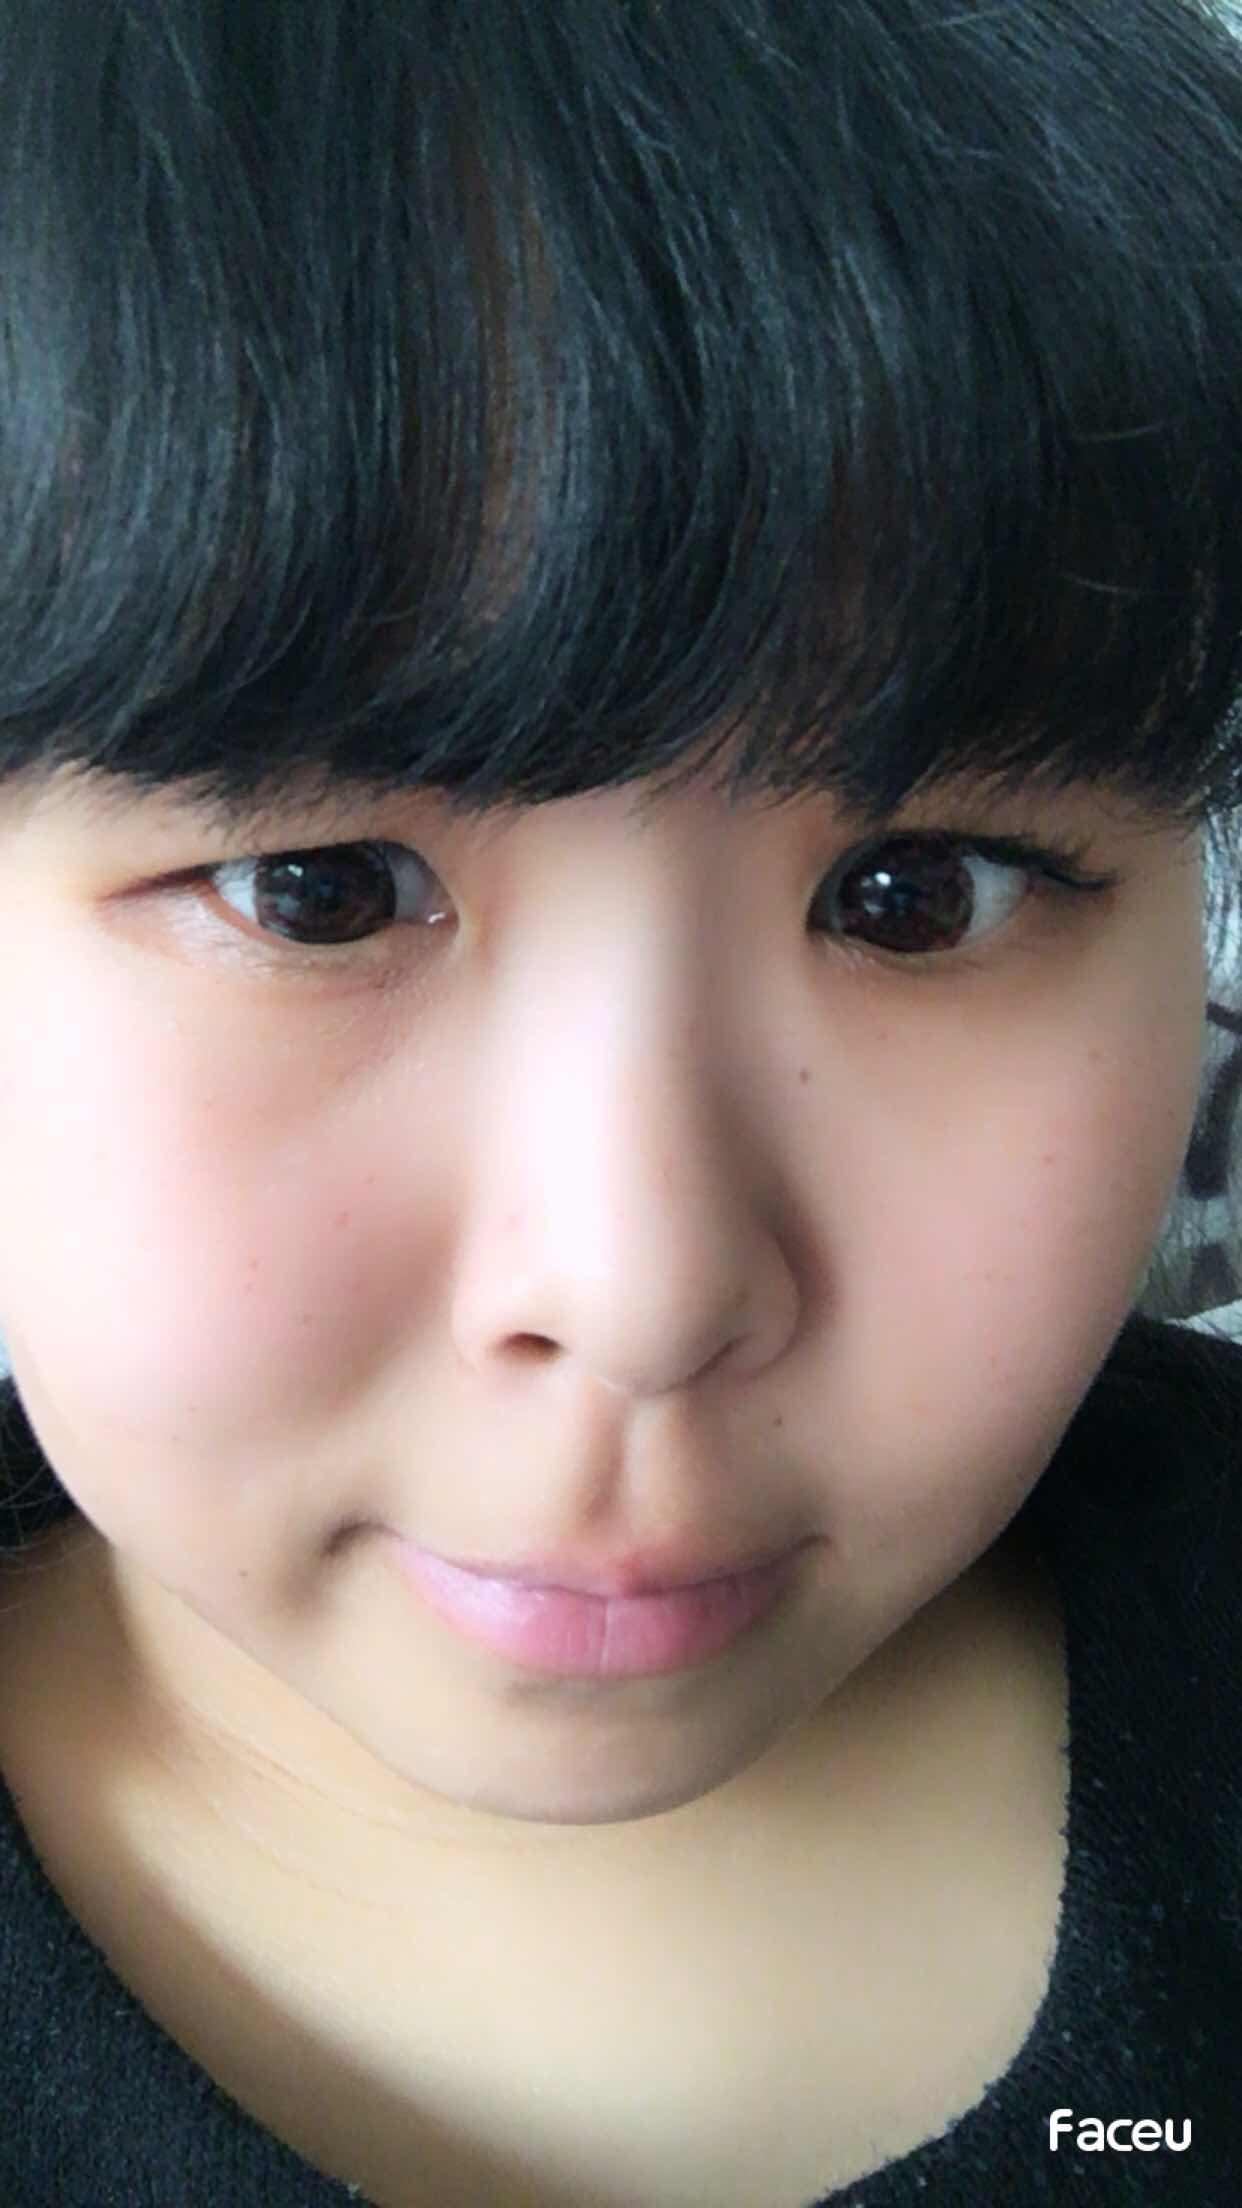 溶脂和吸脂手术哪个好,我想做吸脂,我想开眼角,我想做双眼皮,我想做鼻子,我只能想没有勇气去开刀。